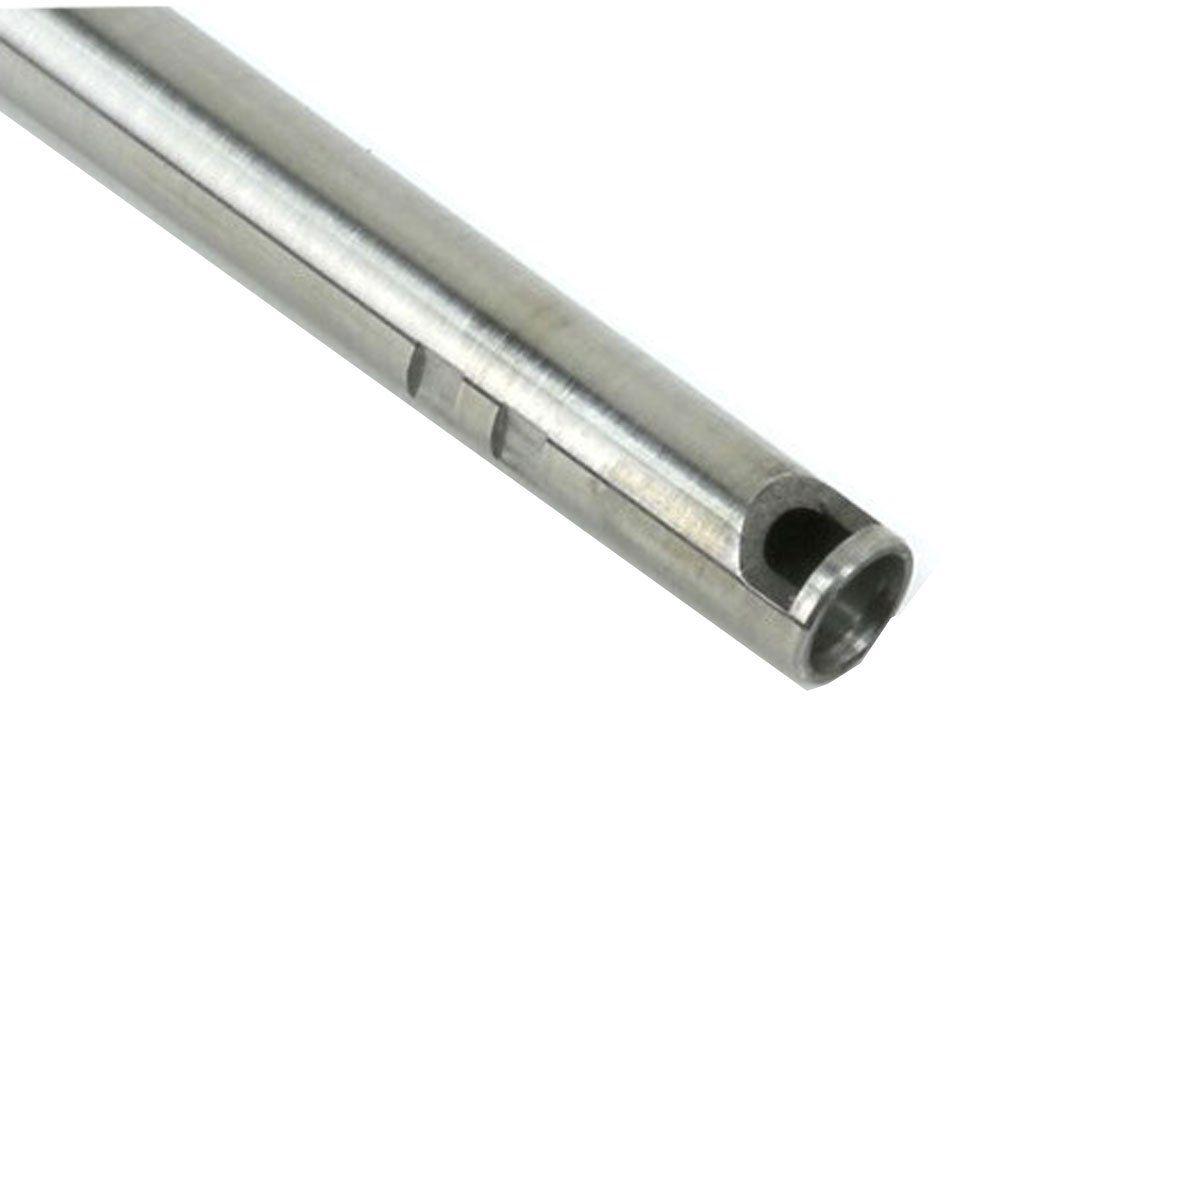 Cano de Precisão em Aço Inox 247mm 6.03mm PPS